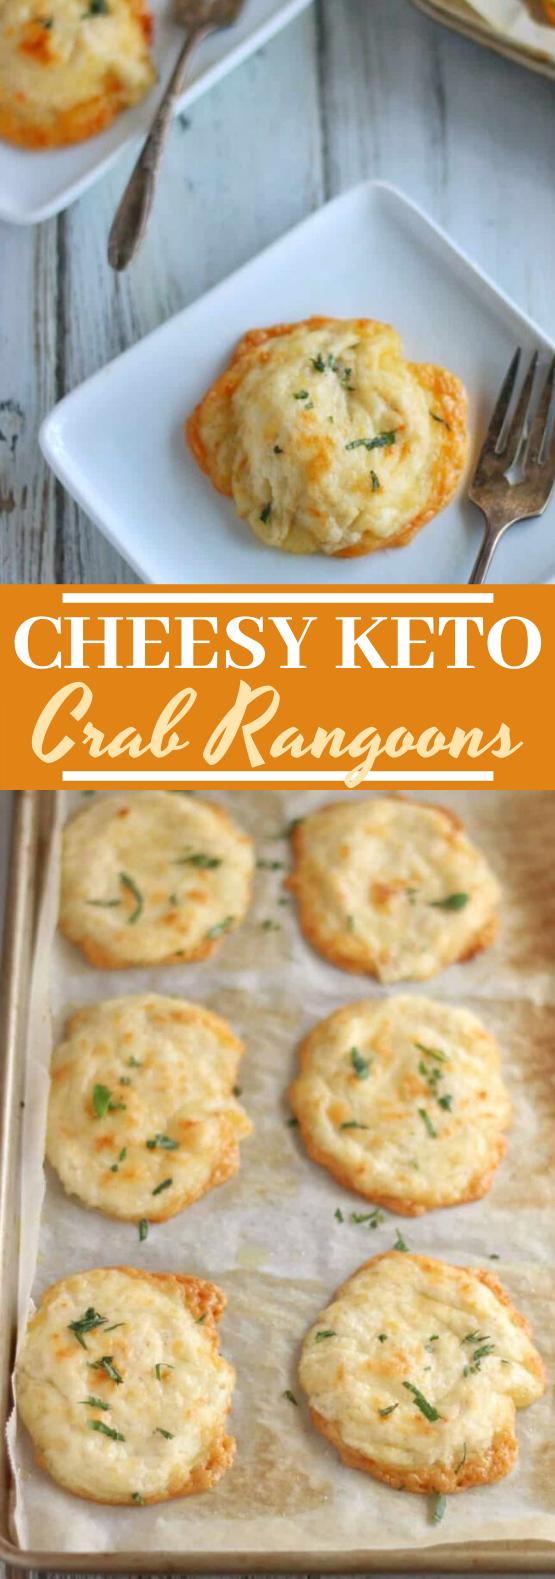 Cheesy Keto Crab Rangoons #keto #lowcarb #dinner #glutenfree #diet